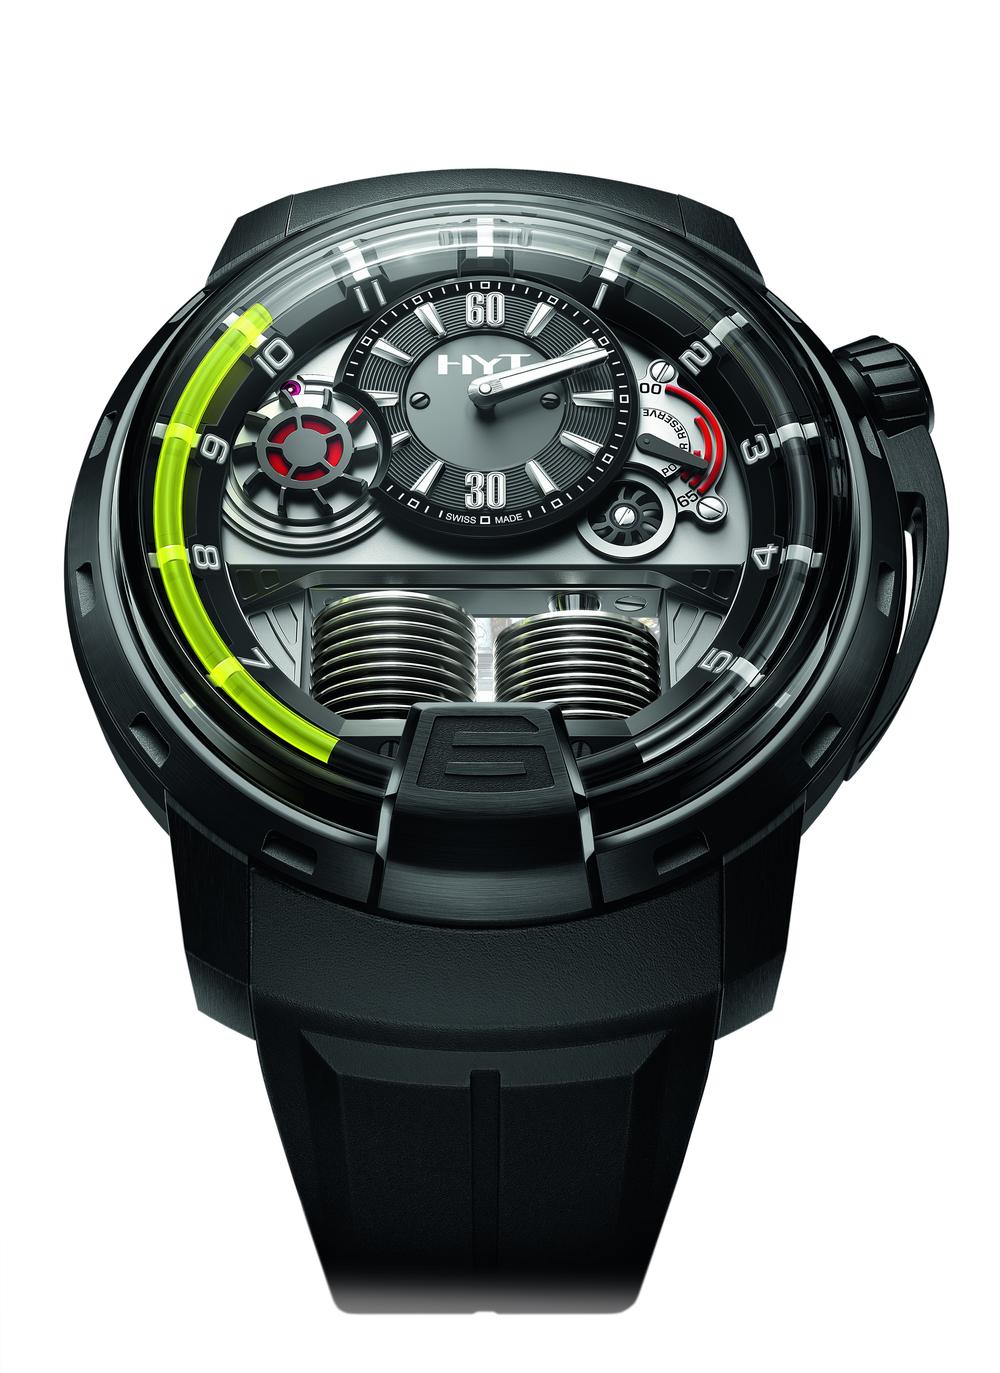 H1 Titanium Black DLC : Ref. 148-DL-21-GF-RU